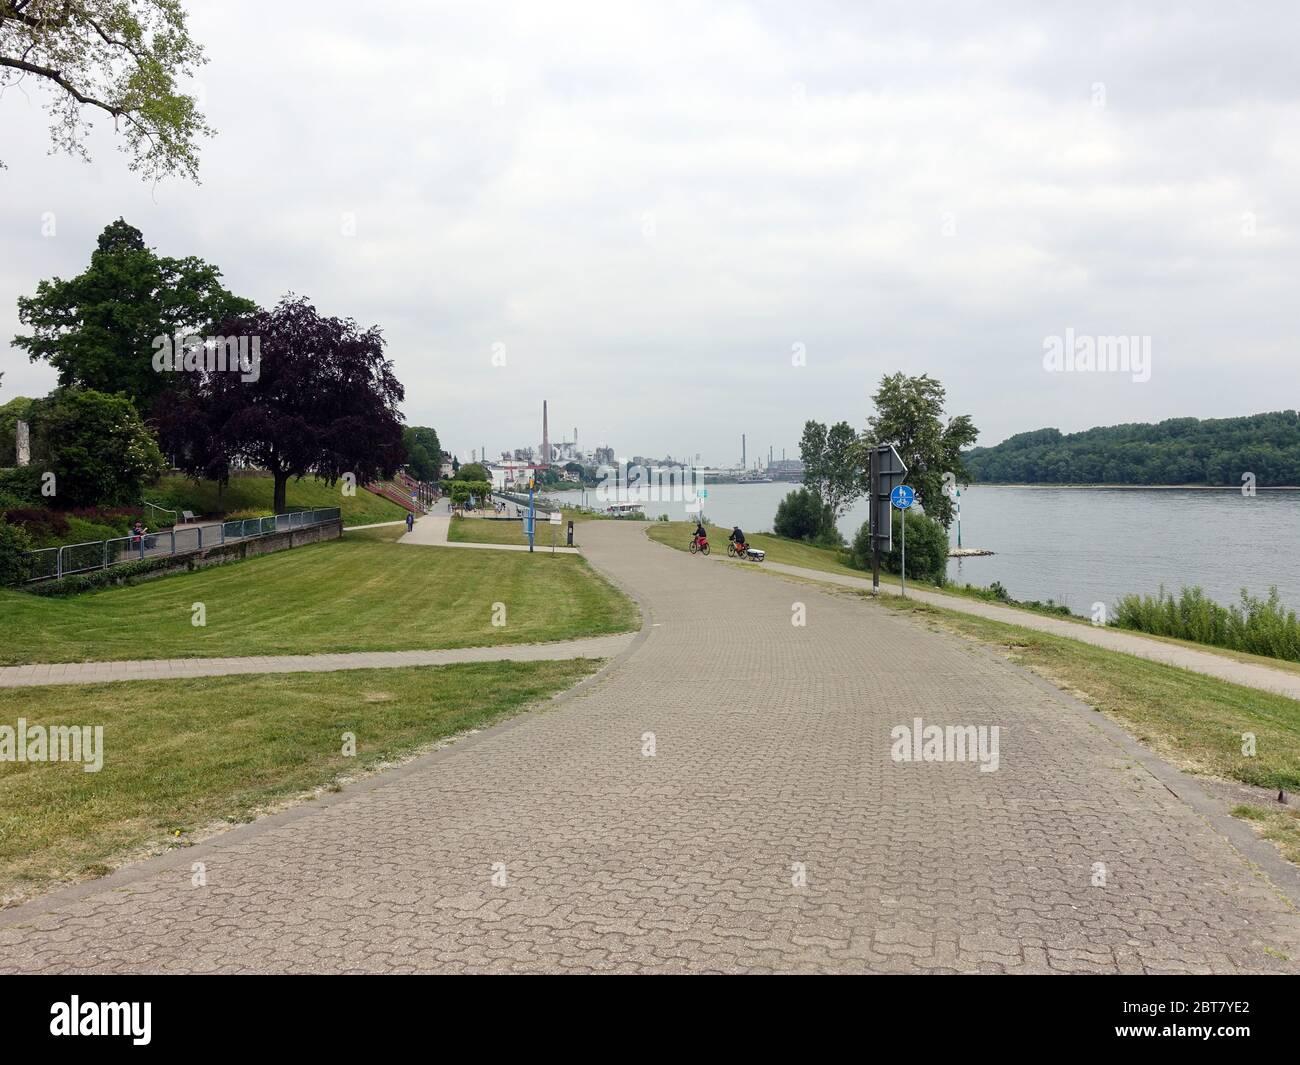 Rheinpark mit Rheinuferpromenade, Wesseling, Nordrhein-Westfalen, Deutschland Stock Photo